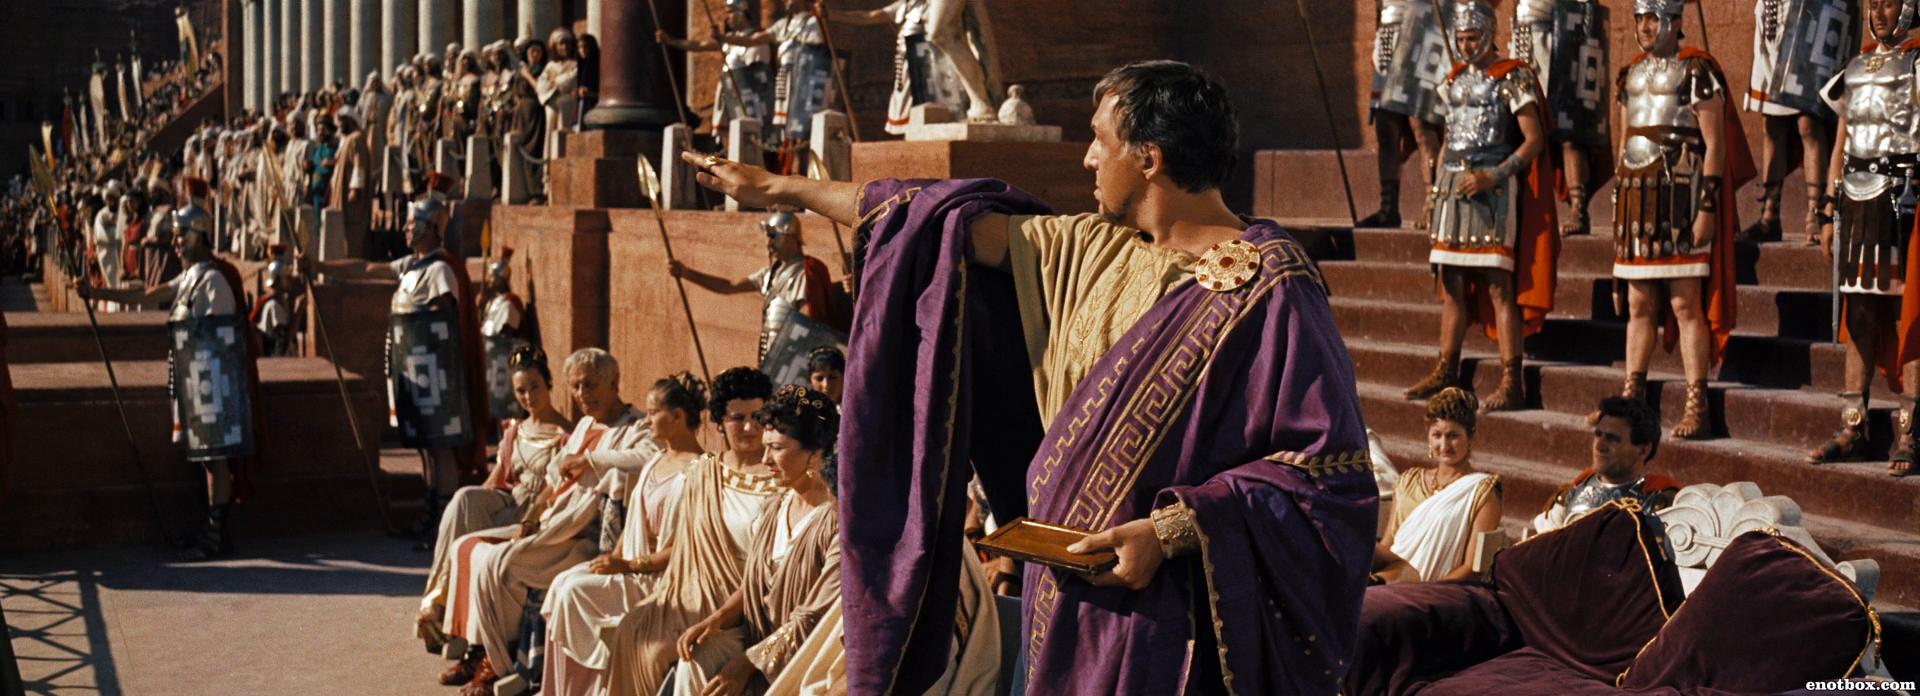 Иуда сочувствует борьбе своего народа за освобождение, а мессала требует, чтобы тот предал своих соотечественников.